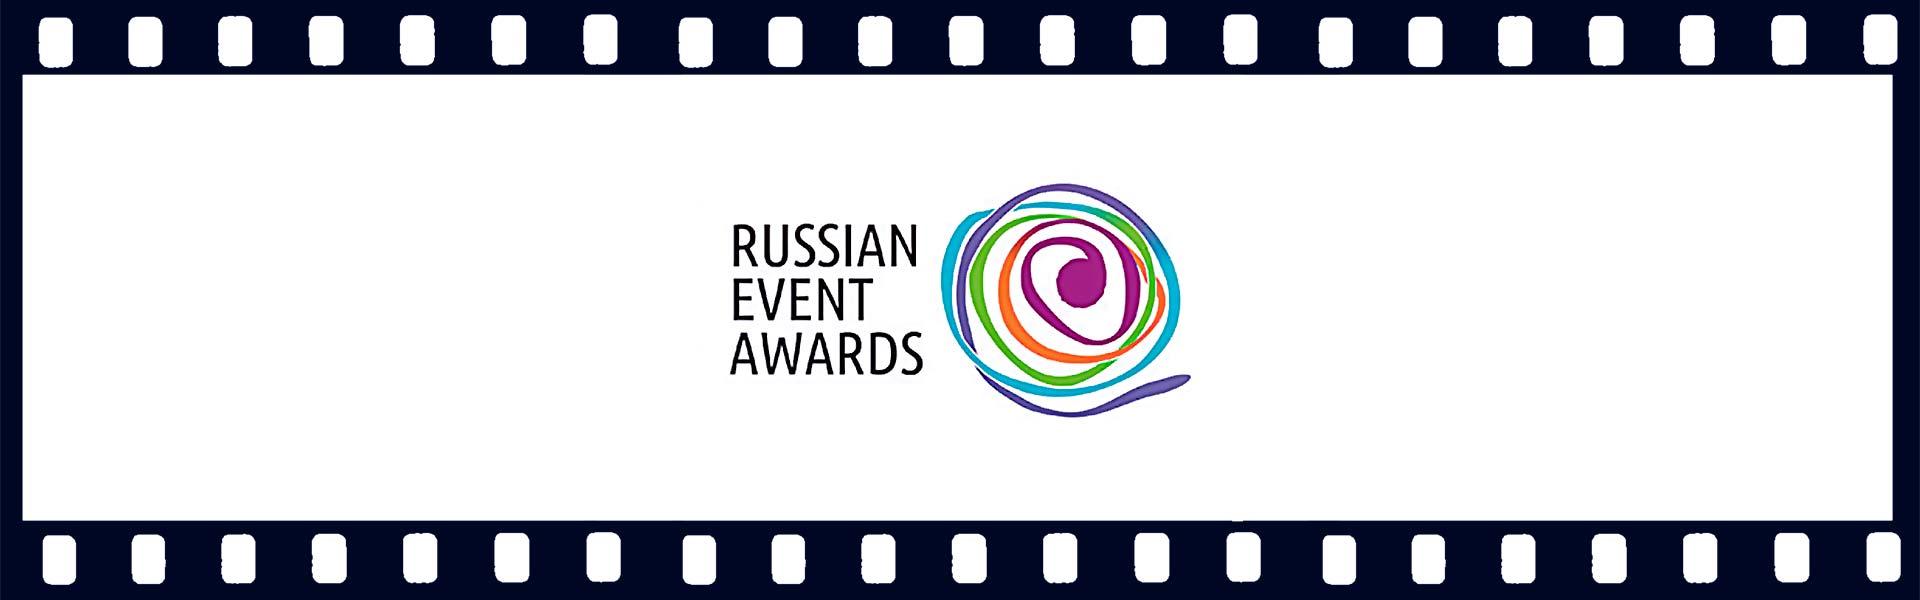 Национальная премии в области событийного туризма «Russian Event Awards» 2017 года